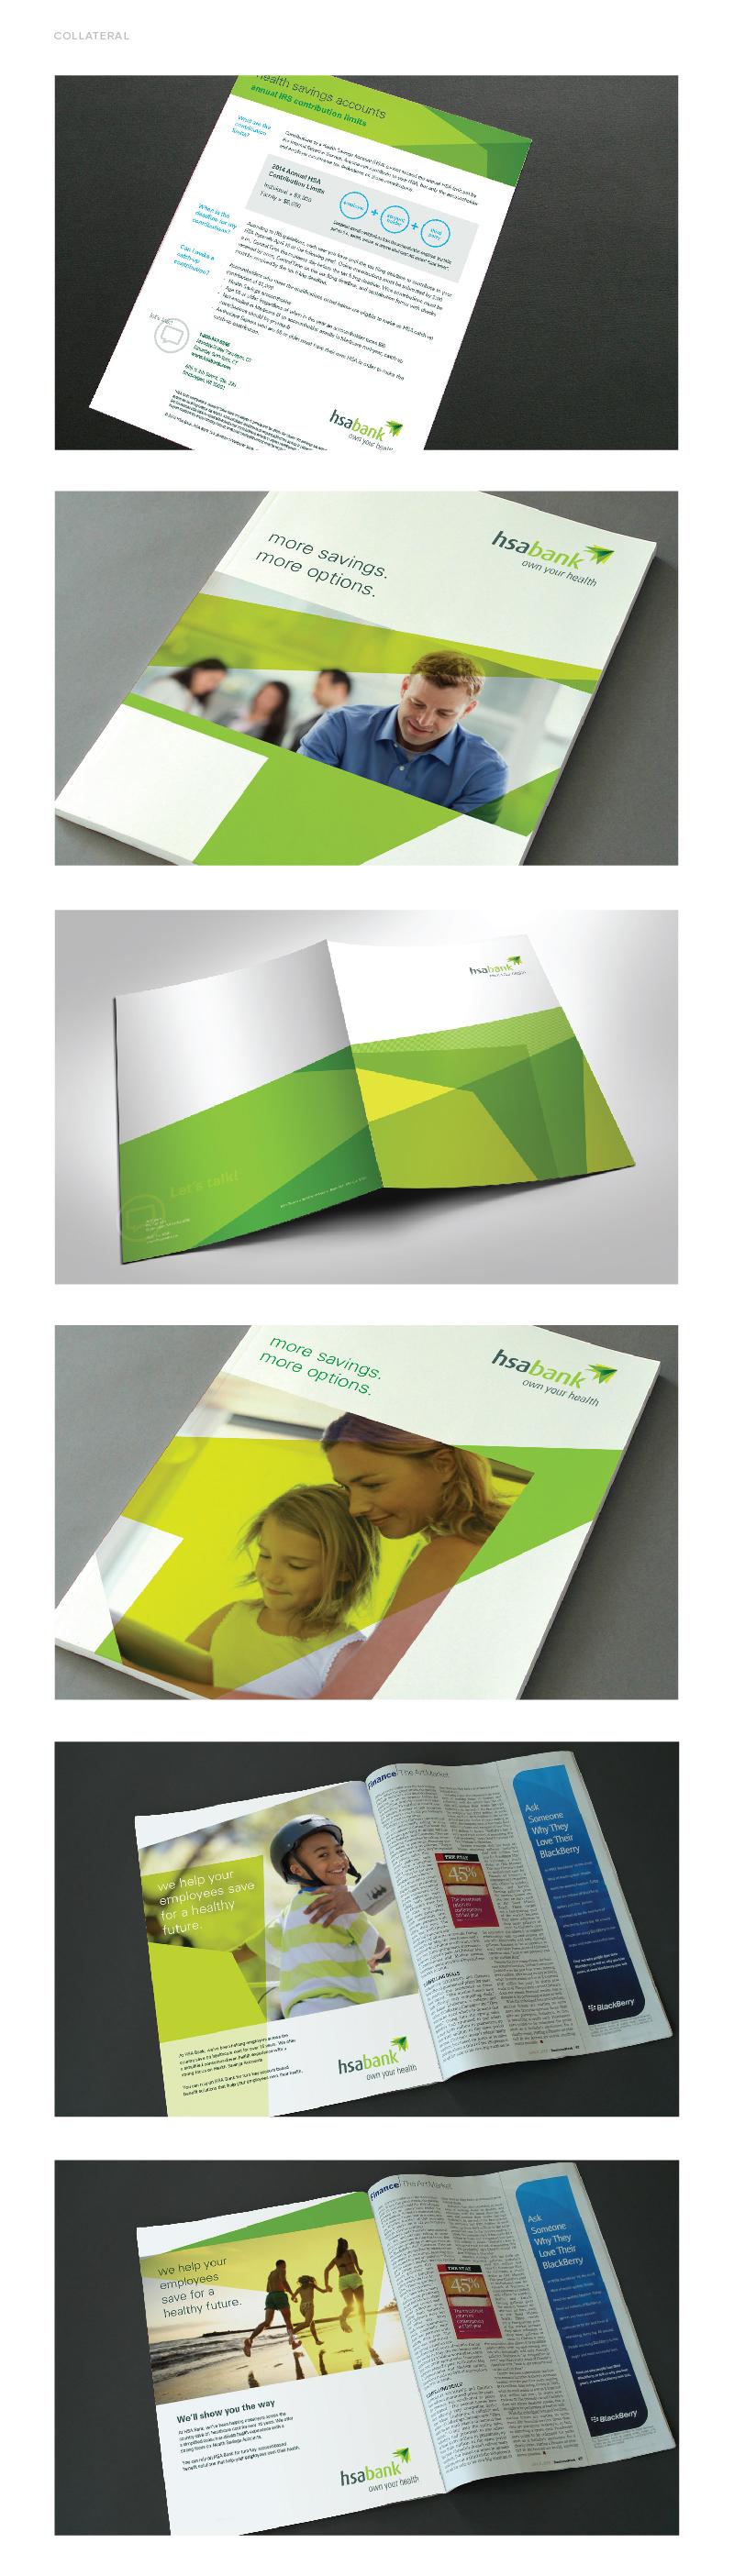 HSA Bank - Mazza Creative